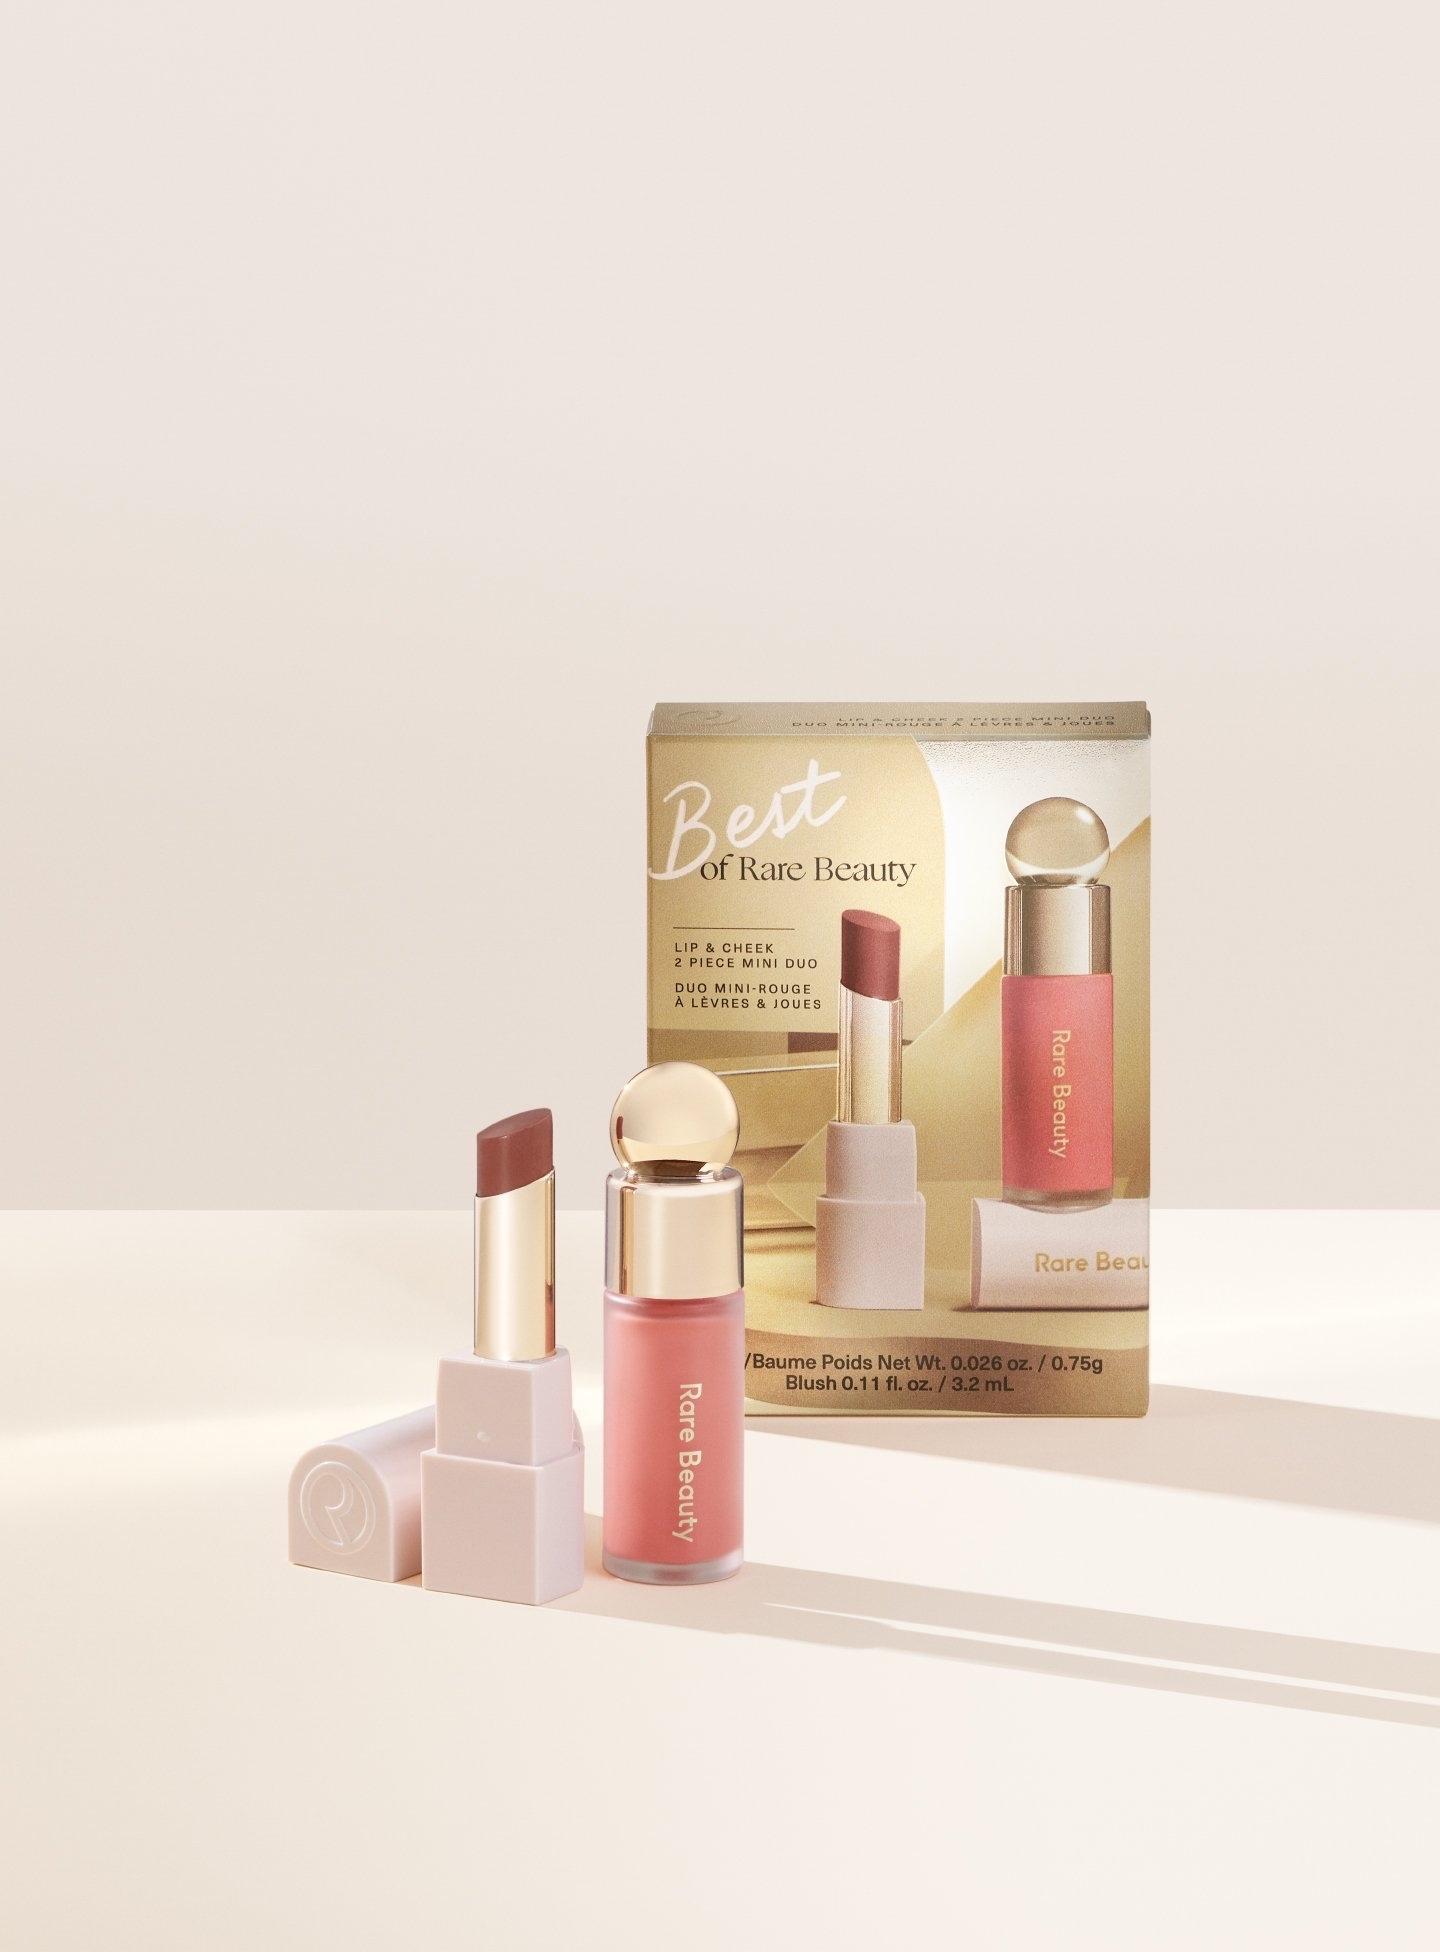 Rare Beauty Best of Rare Beauty Lip & Cheek Mini Duo